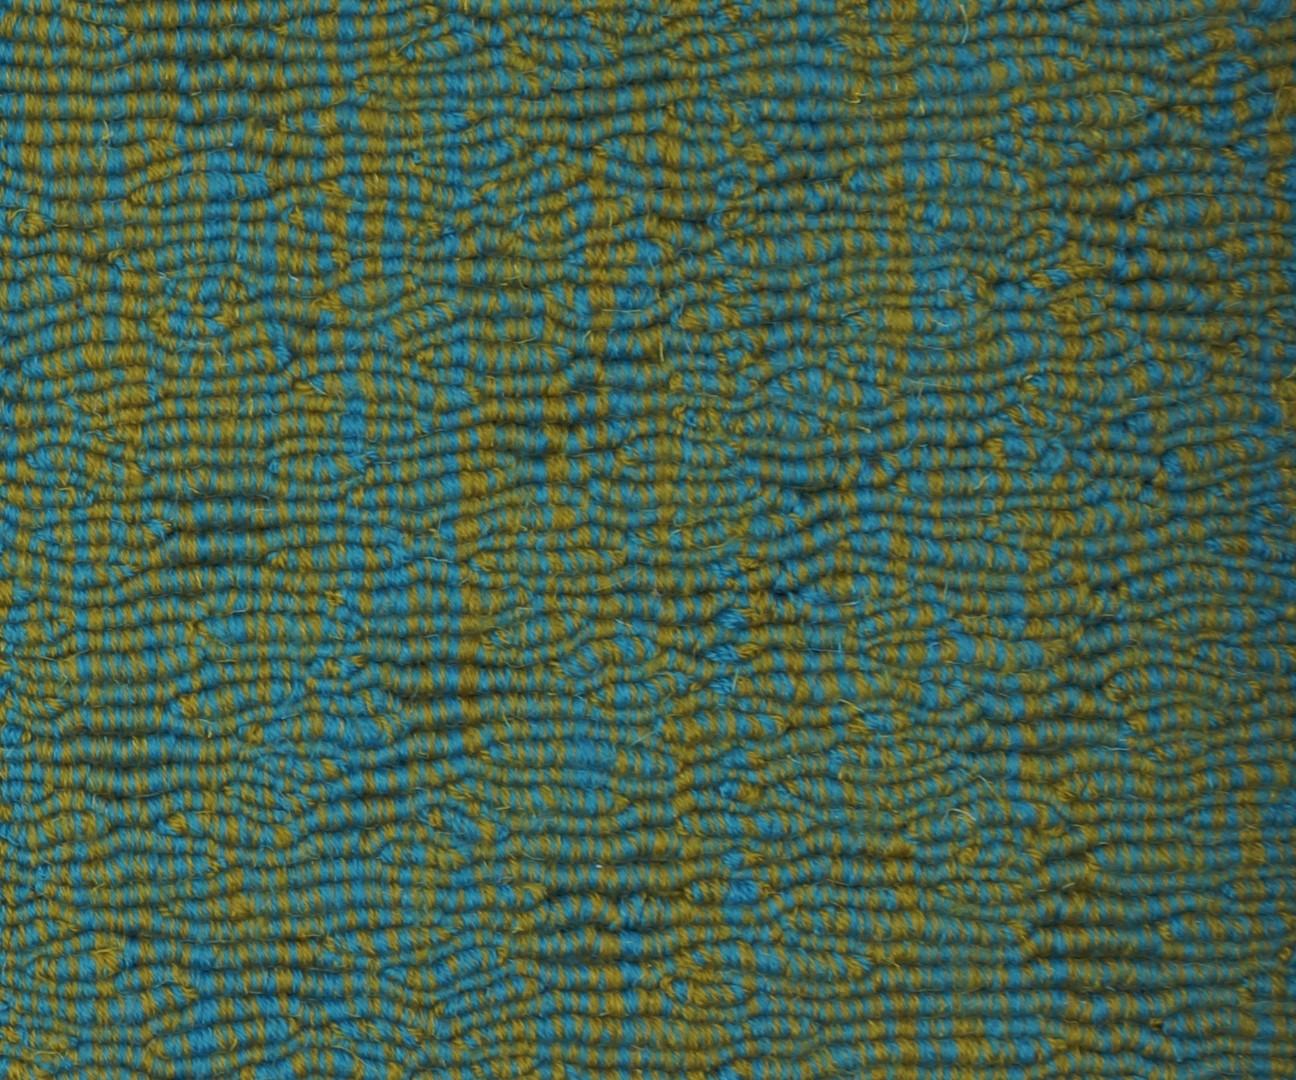 Moquette tiss e 100 laine unie structur e ray e astrakan chartreuse emeraude collection for Moquette rayee